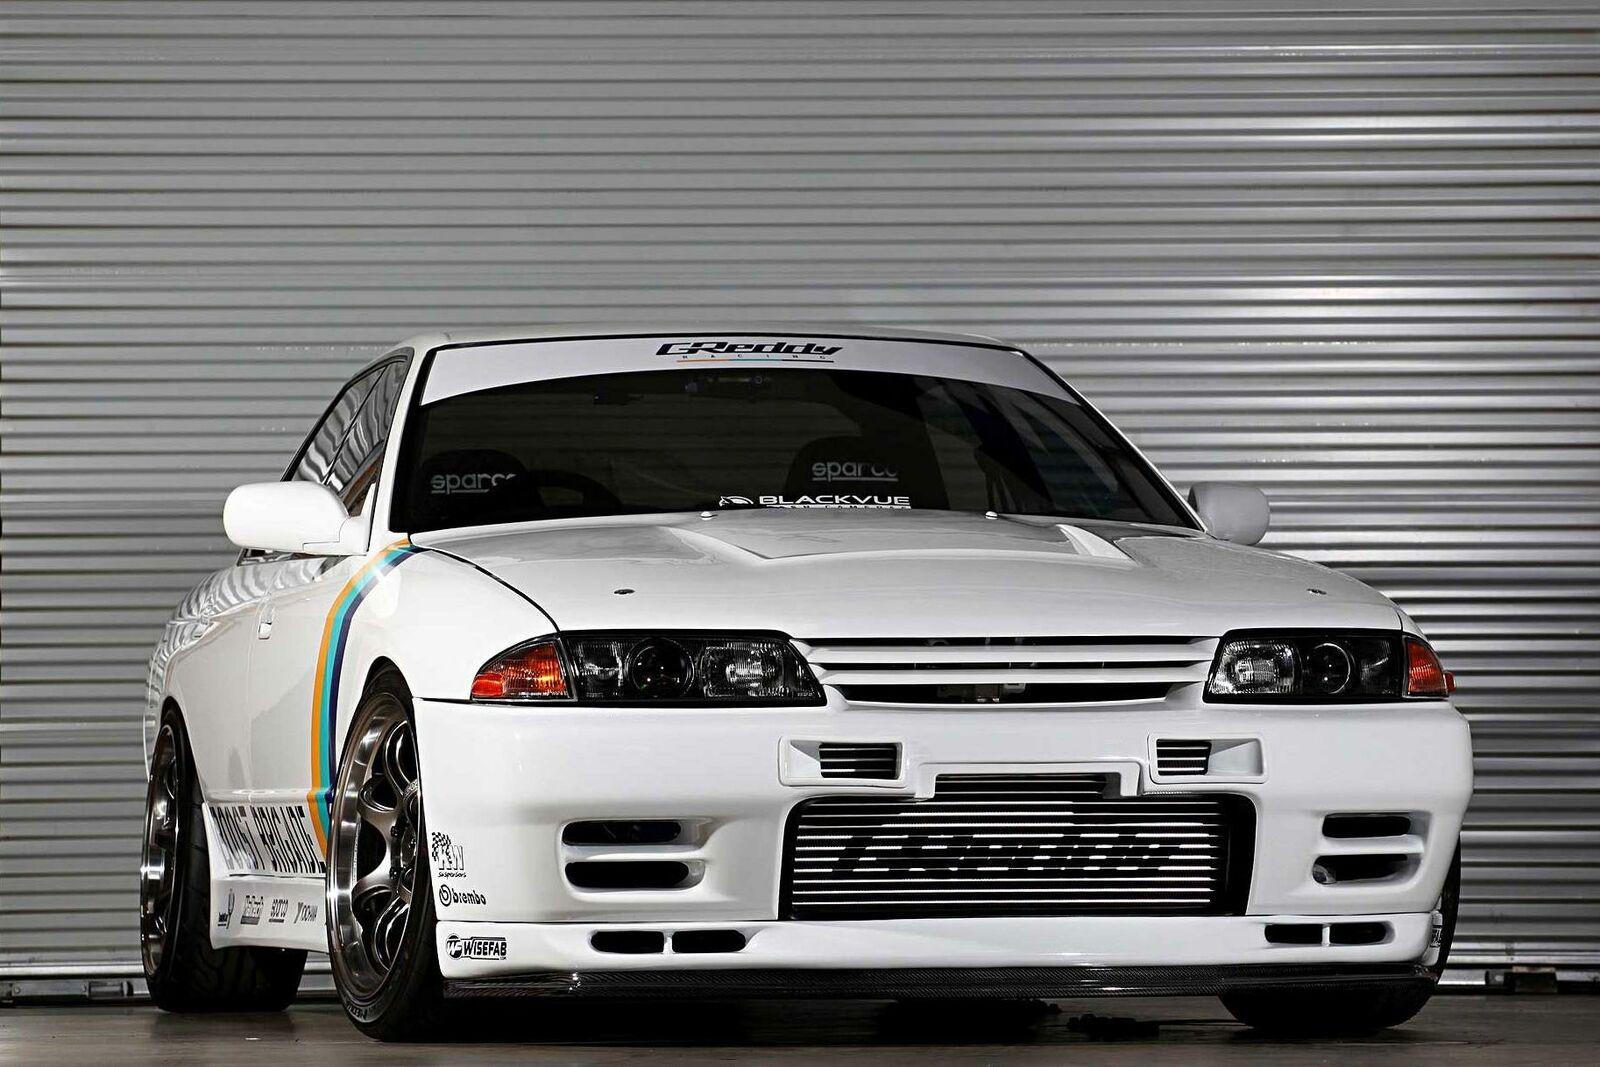 1989 Nissan Skyline GTE